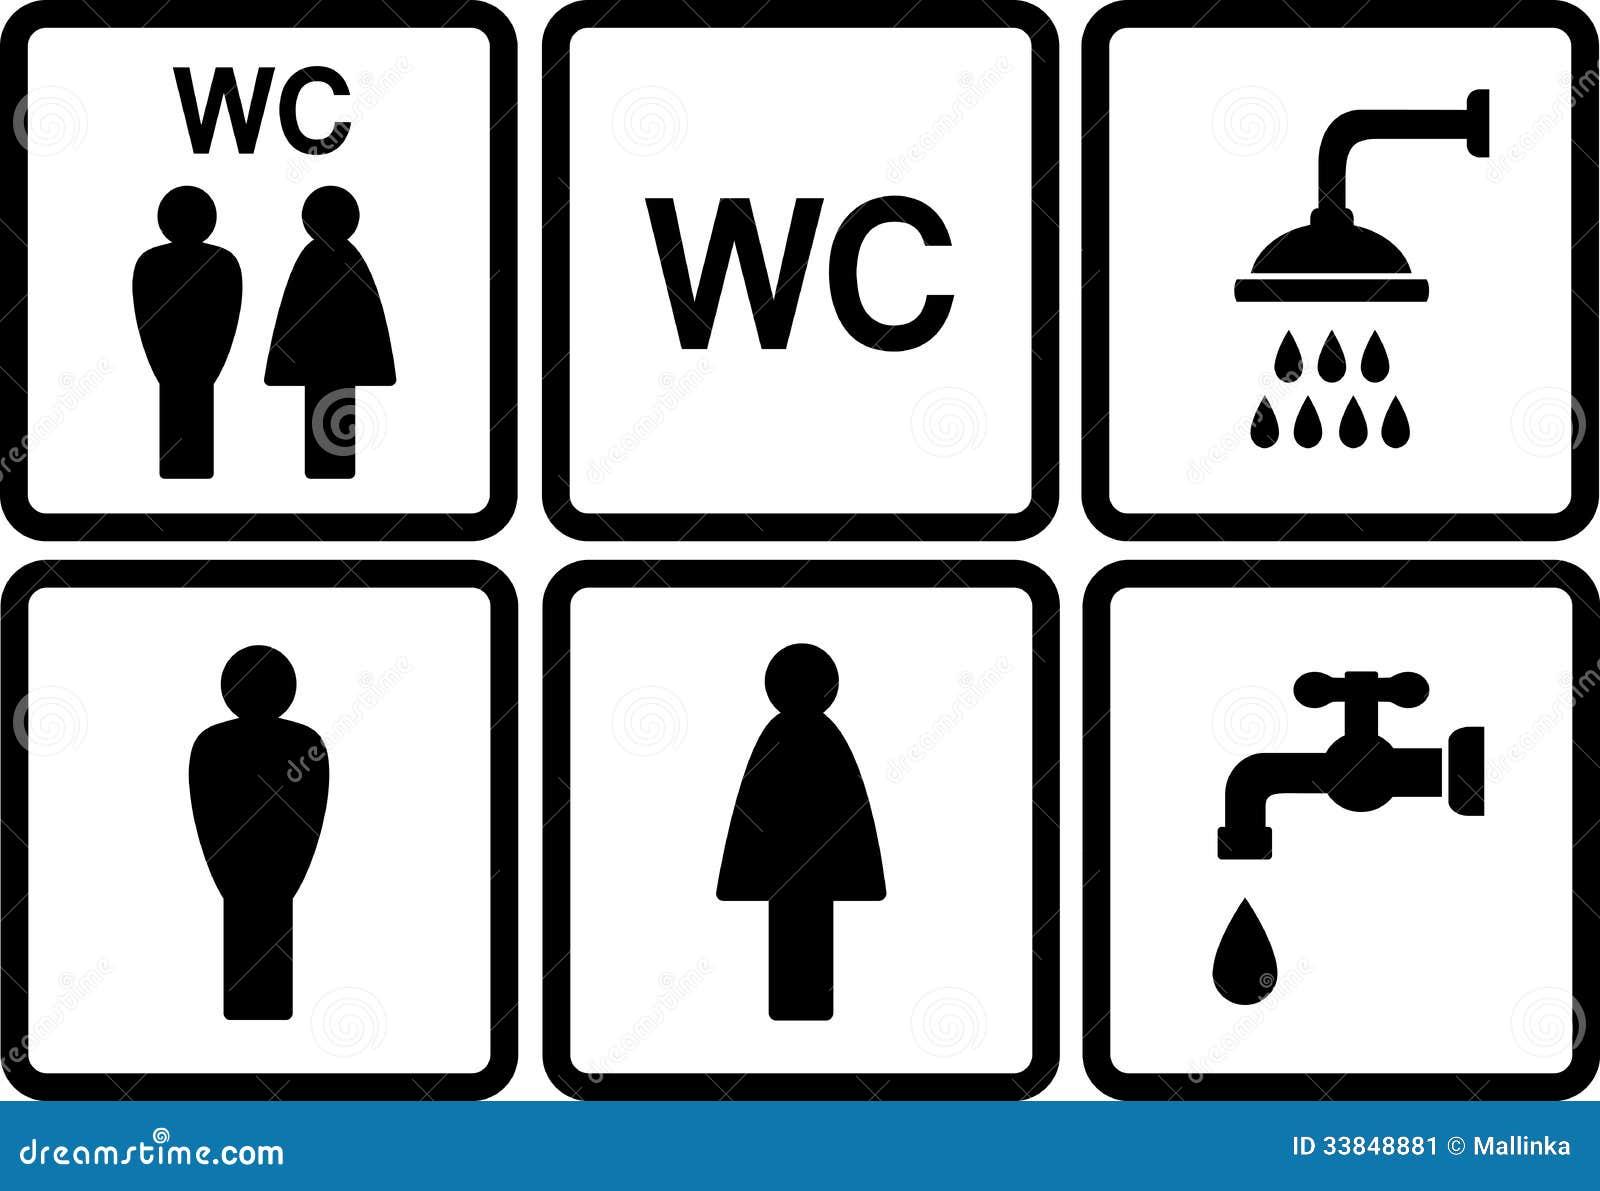 clipart wc uomini - photo #46